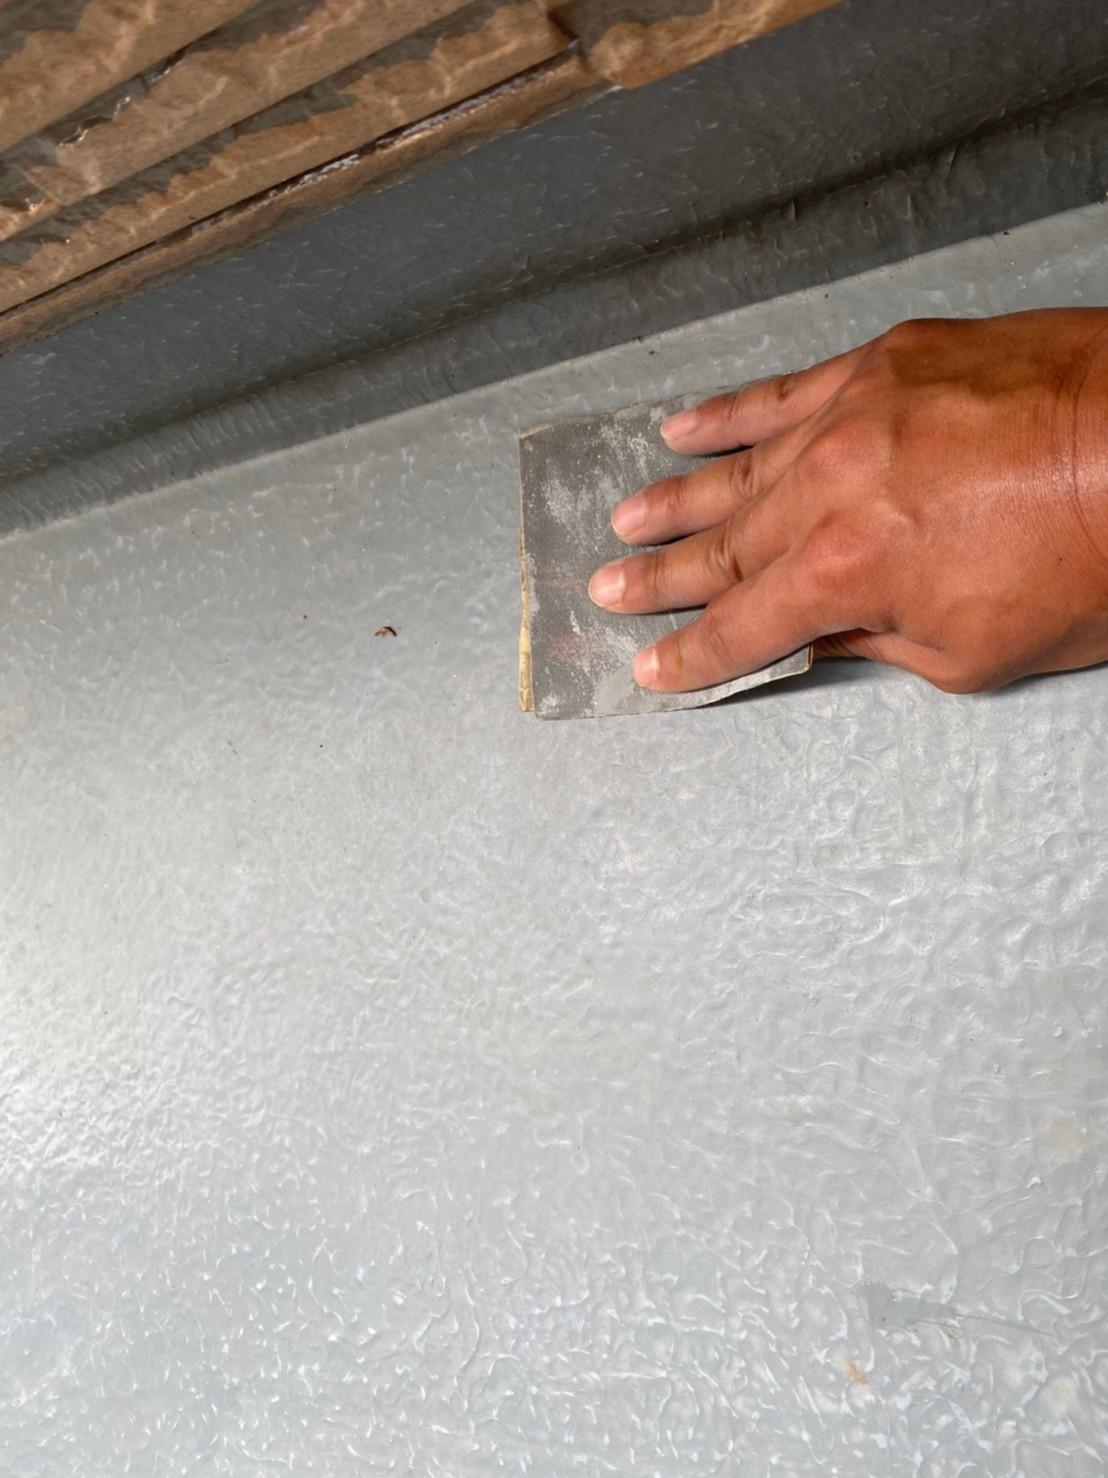 伊奈町FRP防水のベランダ床トップコート塗り替え工事のケレン作業